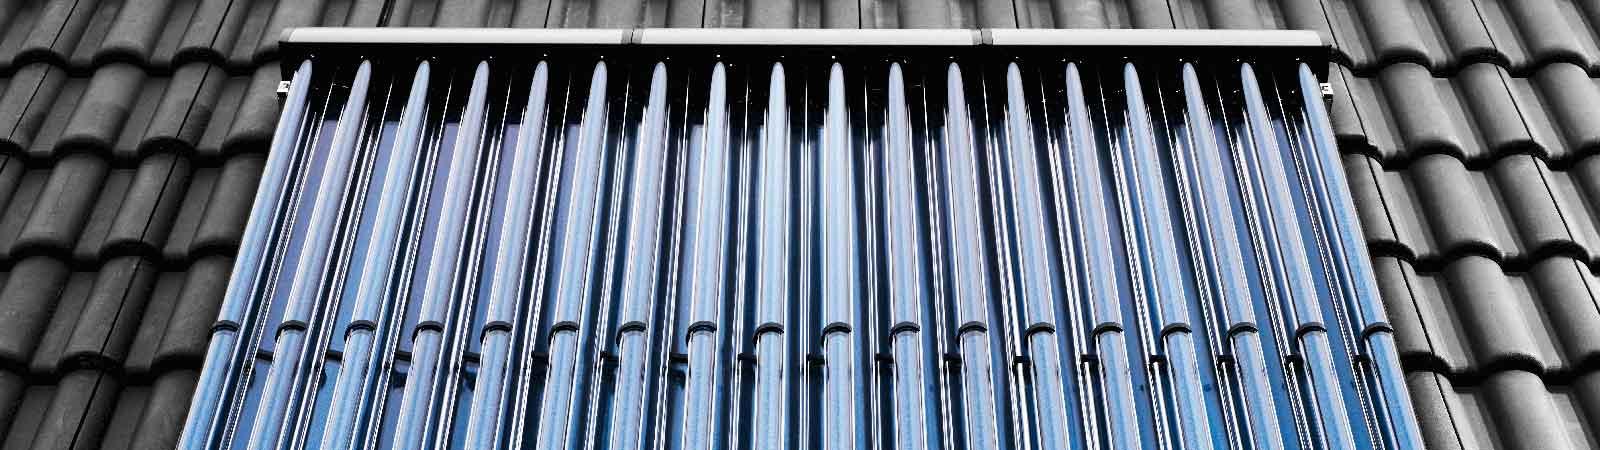 Röhrenkollektoren: Solarthermie mit hoher Effizienz